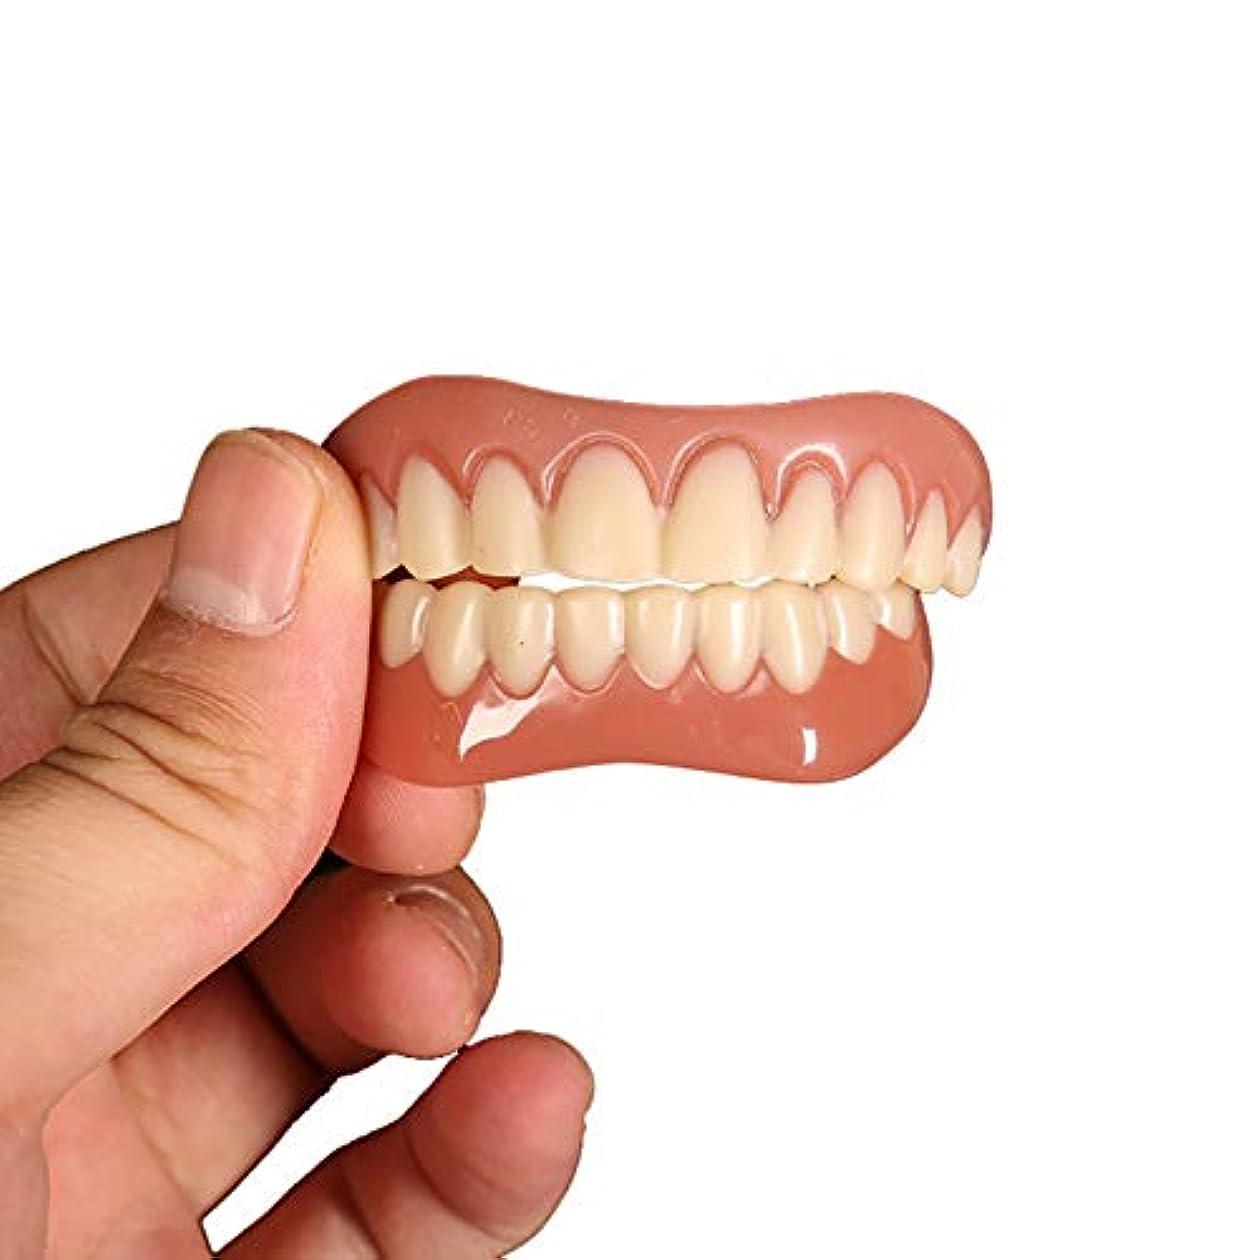 介入する取るに足らない素晴らしい良い多くの2対歯科用ベニア快適なフィット歯のトップとボトム化粧品のベニヤワンサイズフィットすべての義歯接着剤歯偽義歯歯笑顔